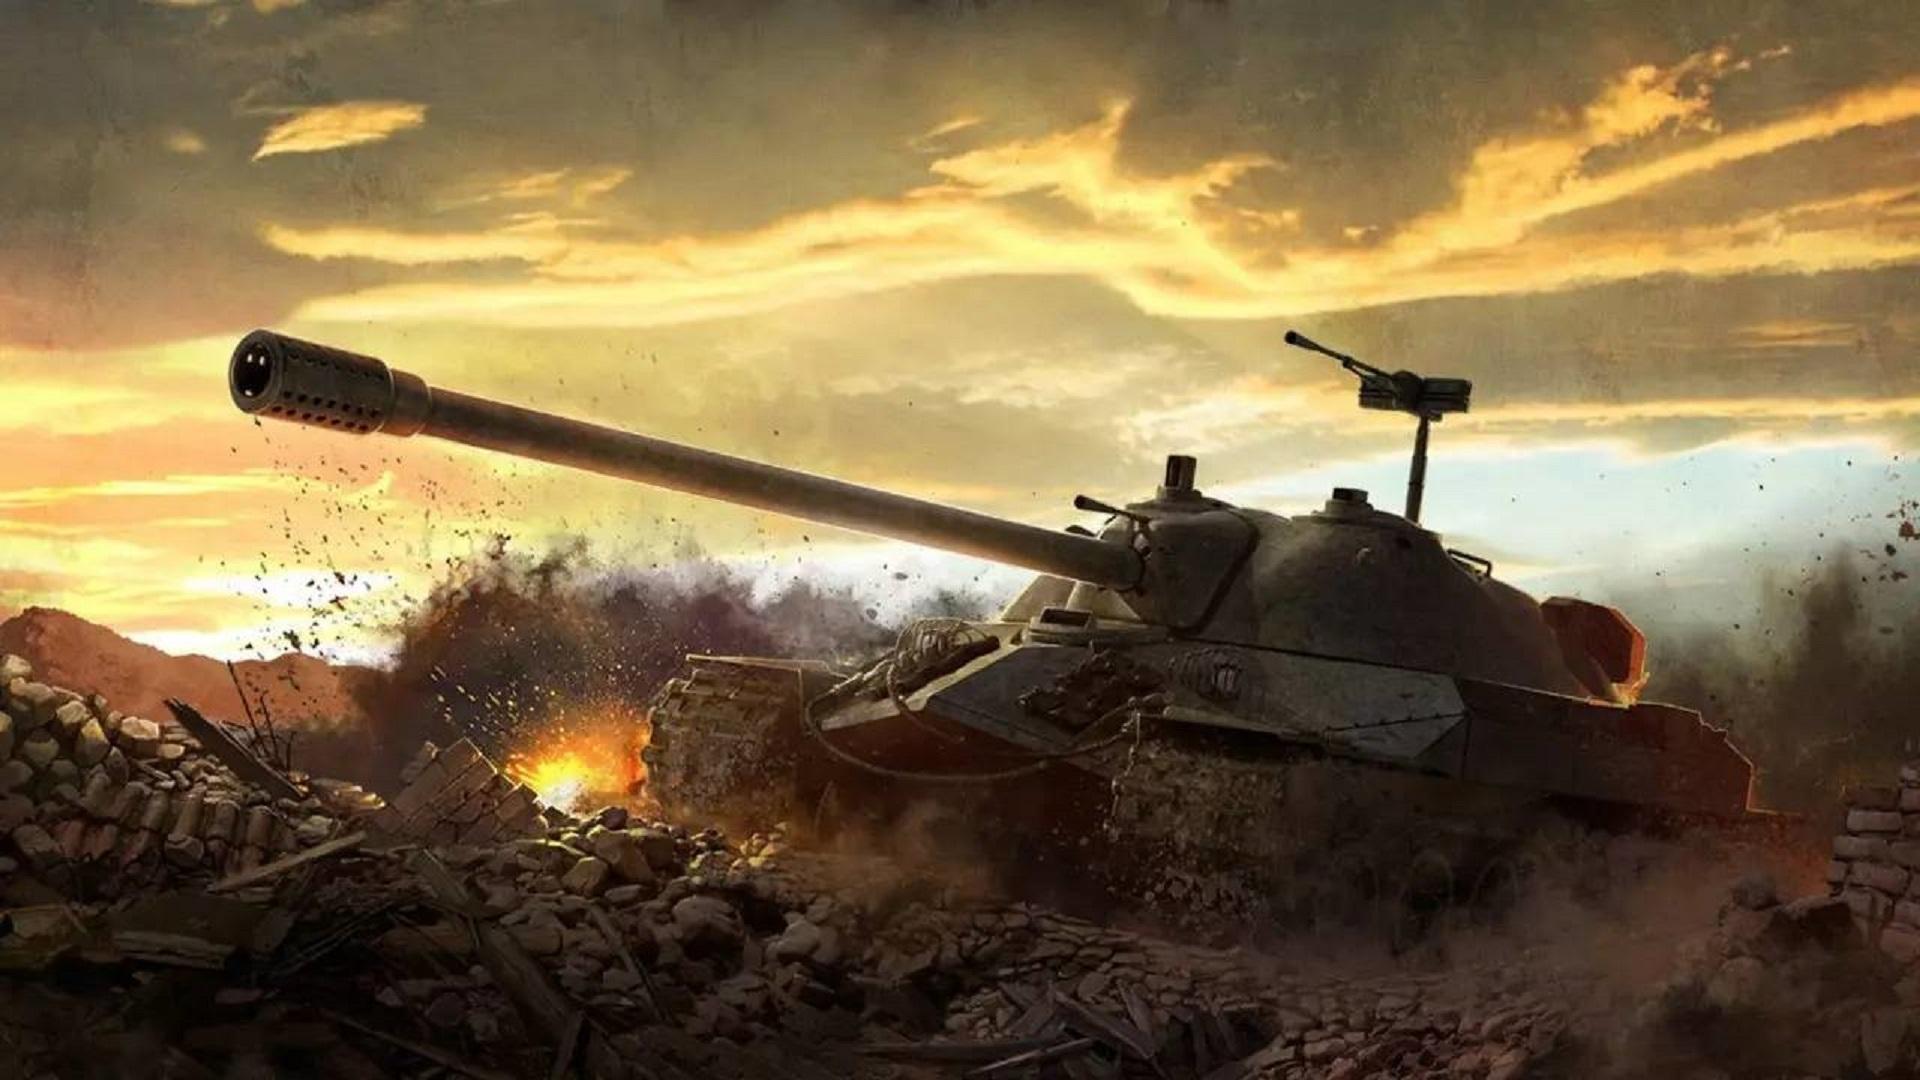 盘点现代坦克隐身技巧